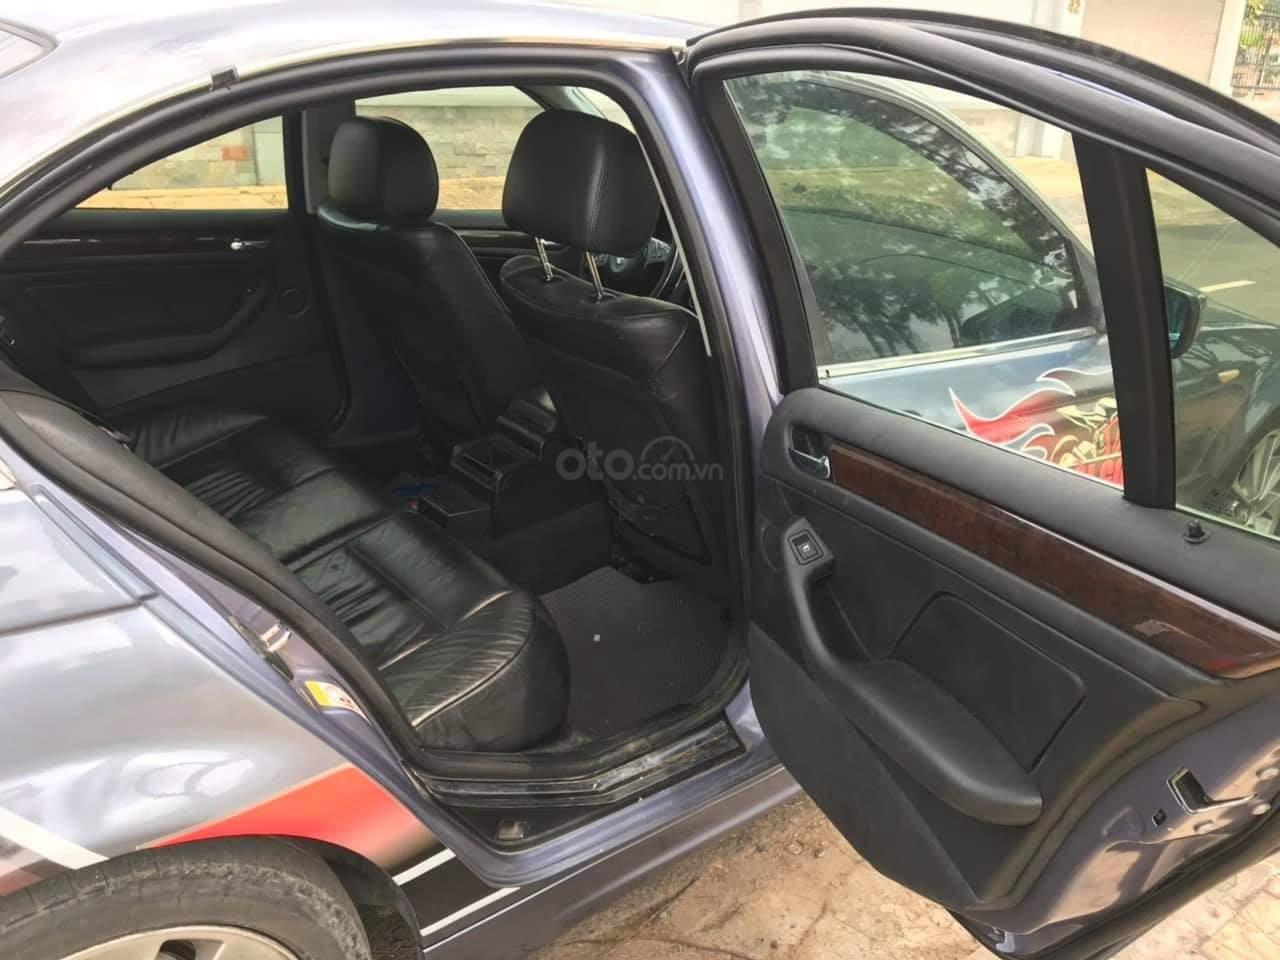 Bán ô tô BMW 3 Series 325i sản xuất 2003 (6)